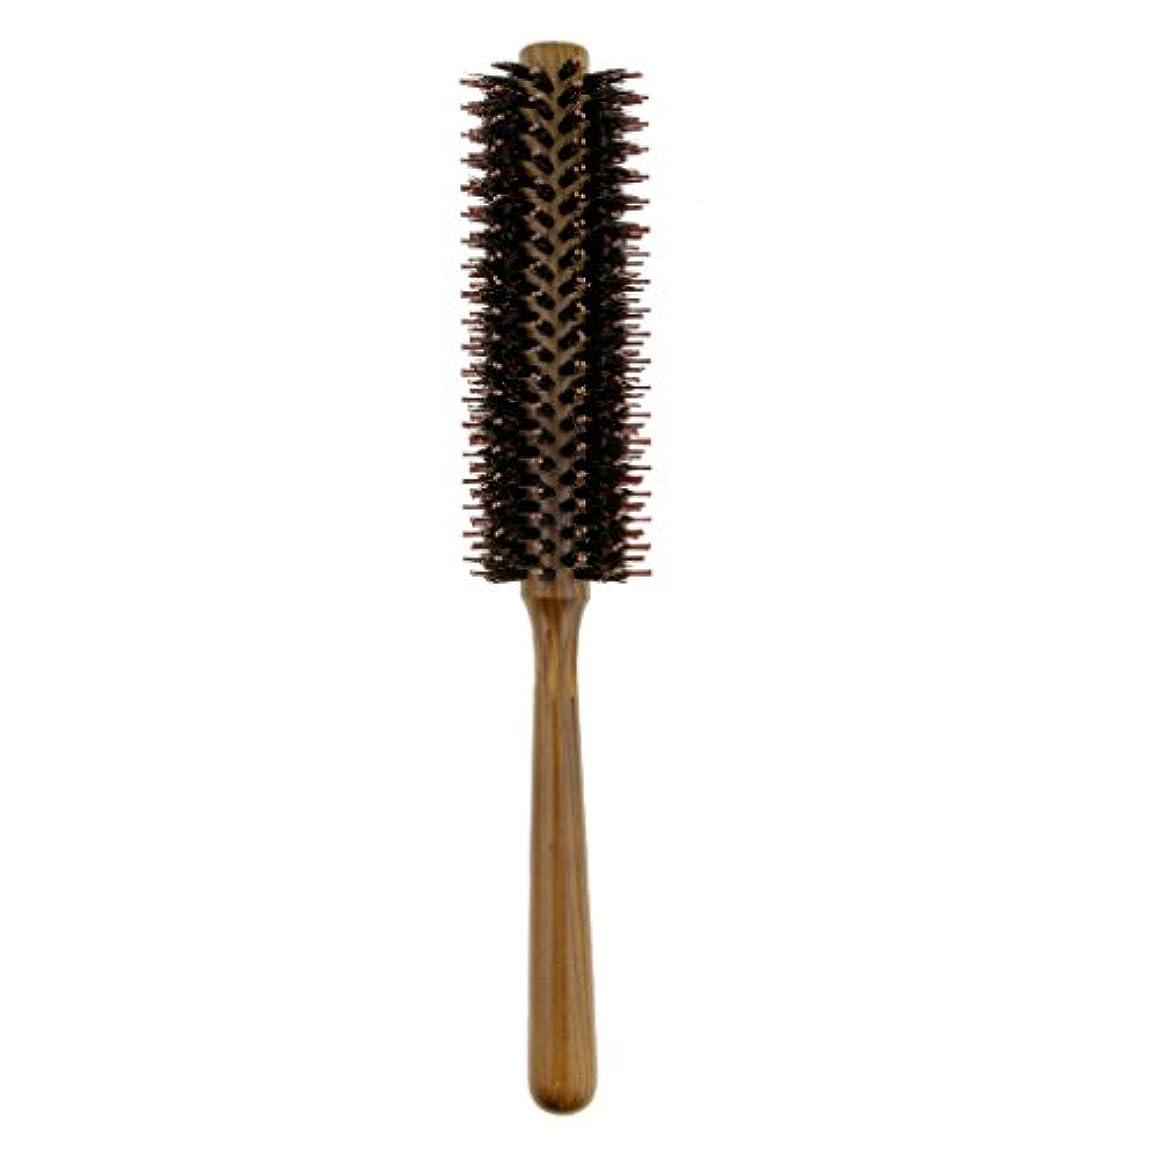 実現可能過言ブロックToygogo ヘアブラシカーリングヘアラウンドブラシバレルヘアスタイリングコームヘアブラシ - S